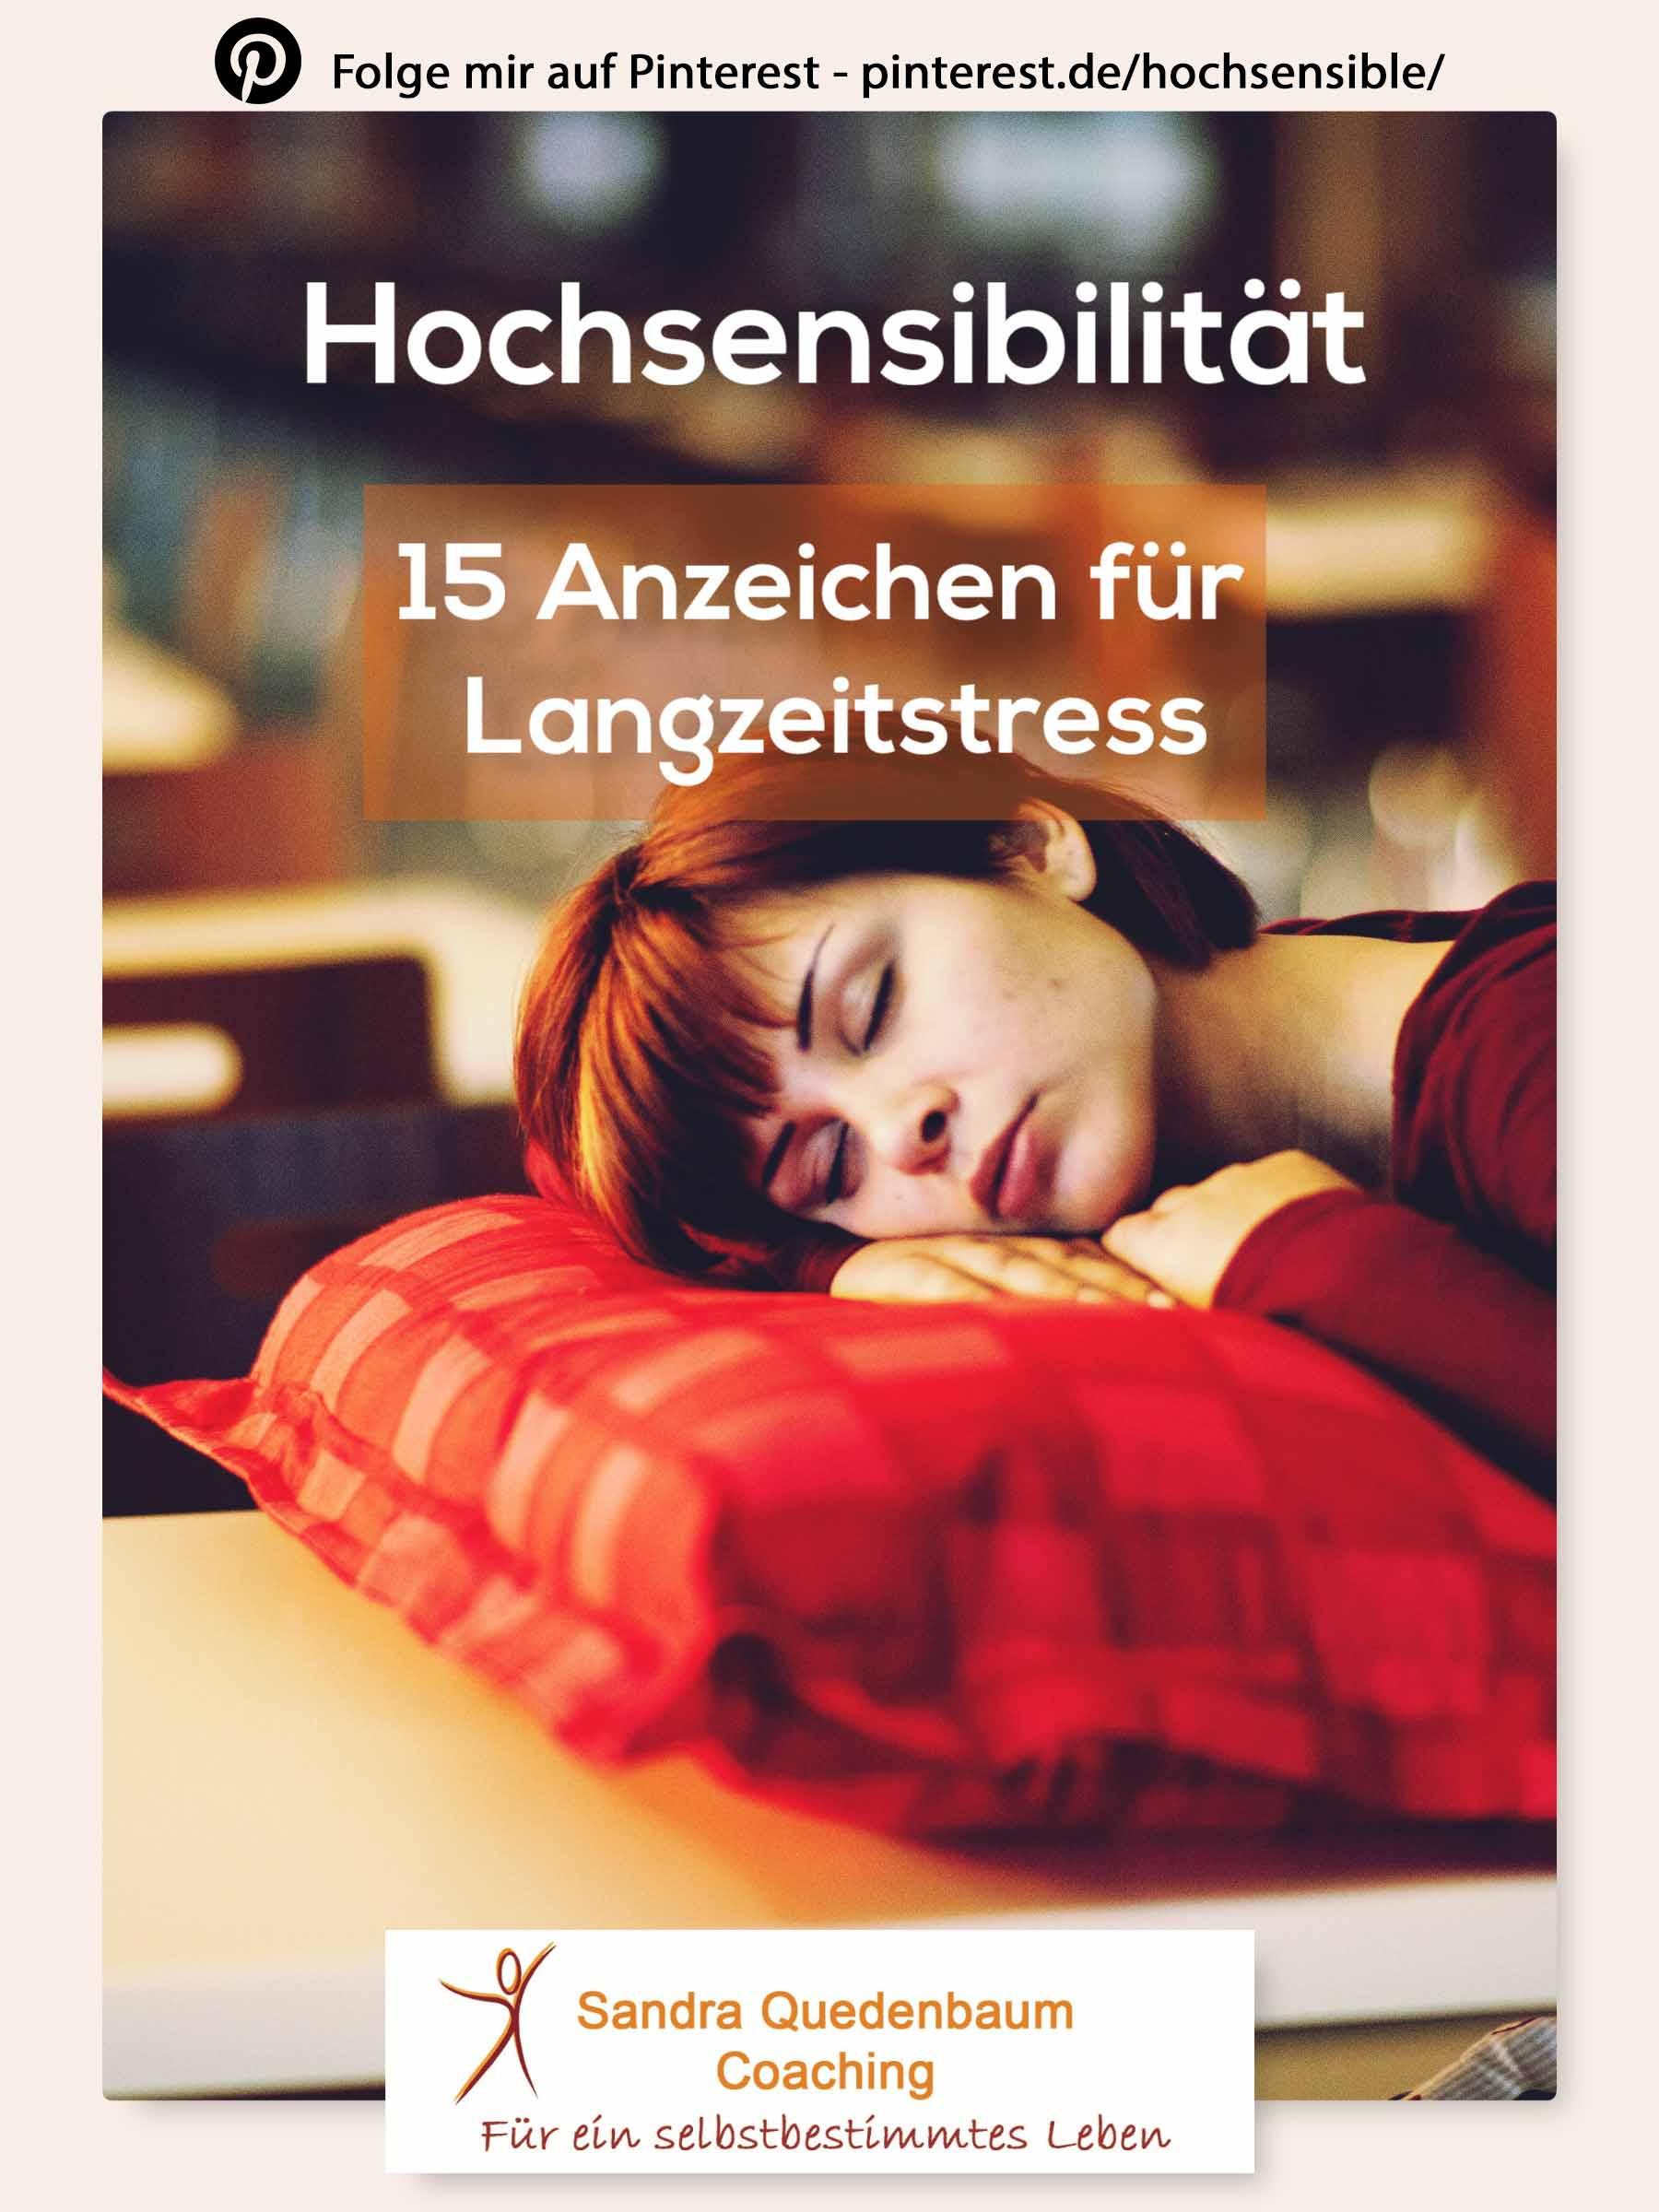 HSP Dauerstress cortisol langzeitstress stress Hormone Hochsensibilität hochsensible hochsensibel - Hochsensibilität und Trauma – Coaching, Seminare, Ausbildung und WeiterentwicklungWeiterentwicklung. -